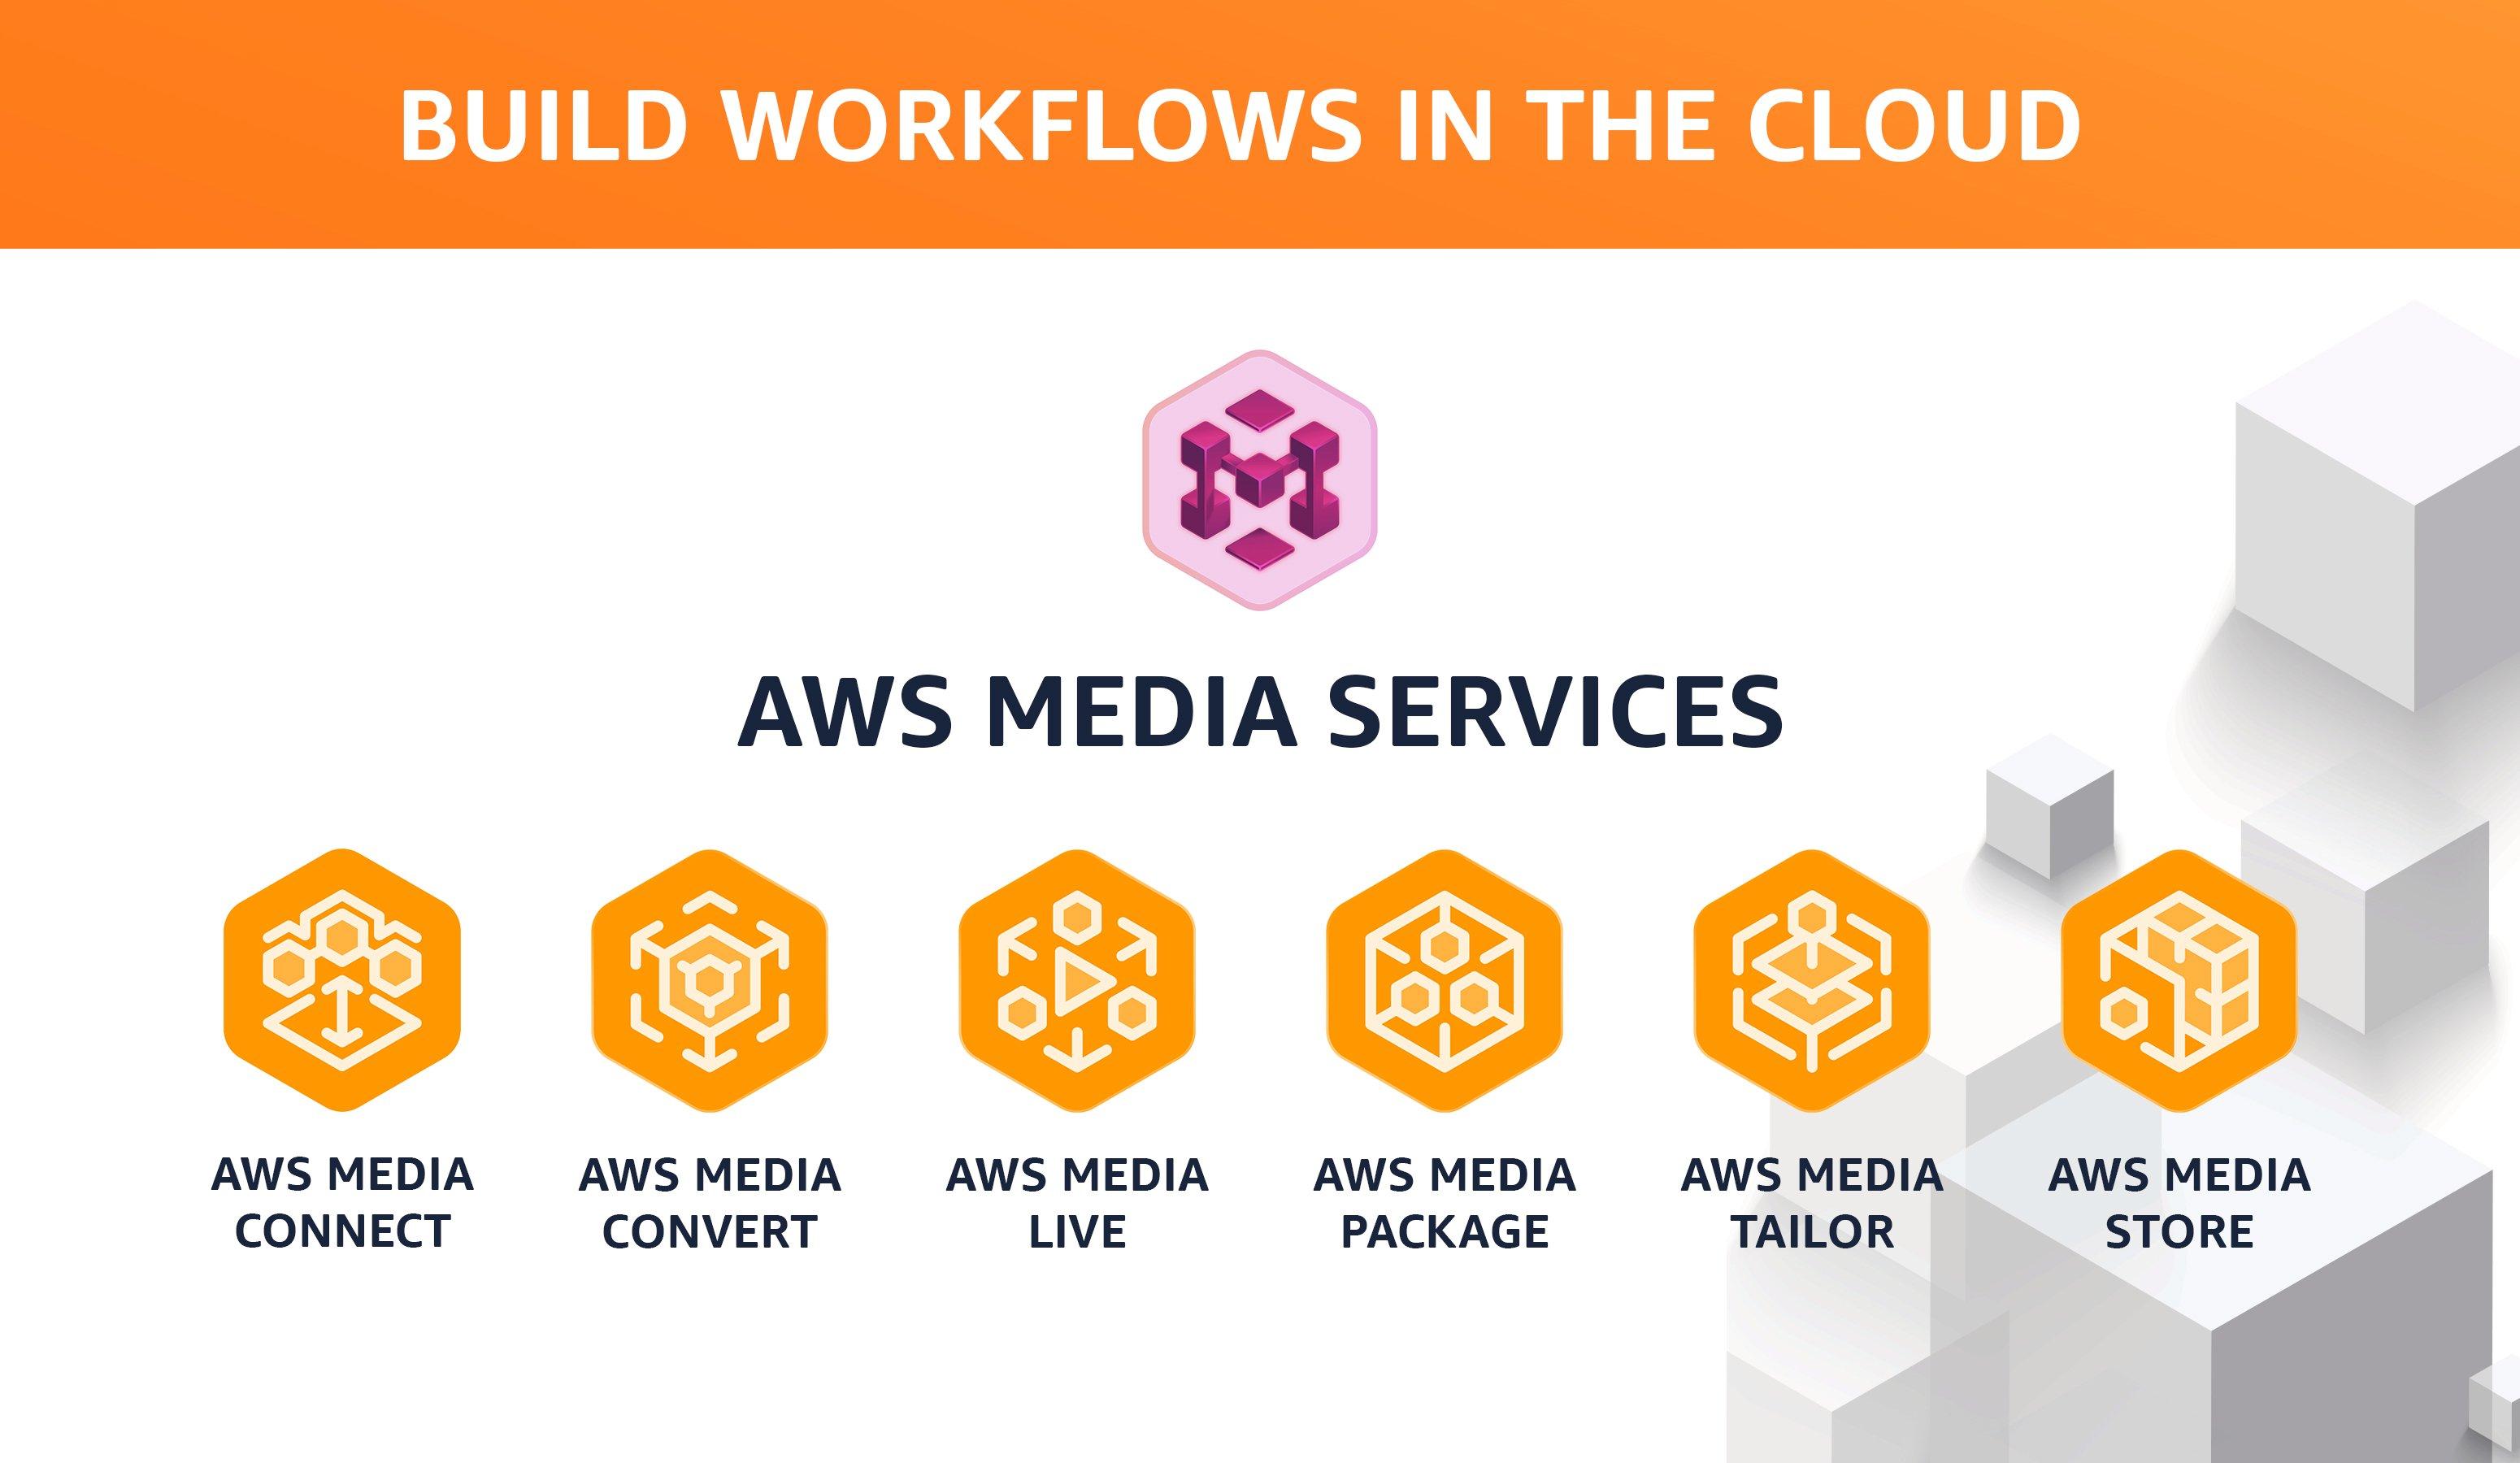 AWS Workflow